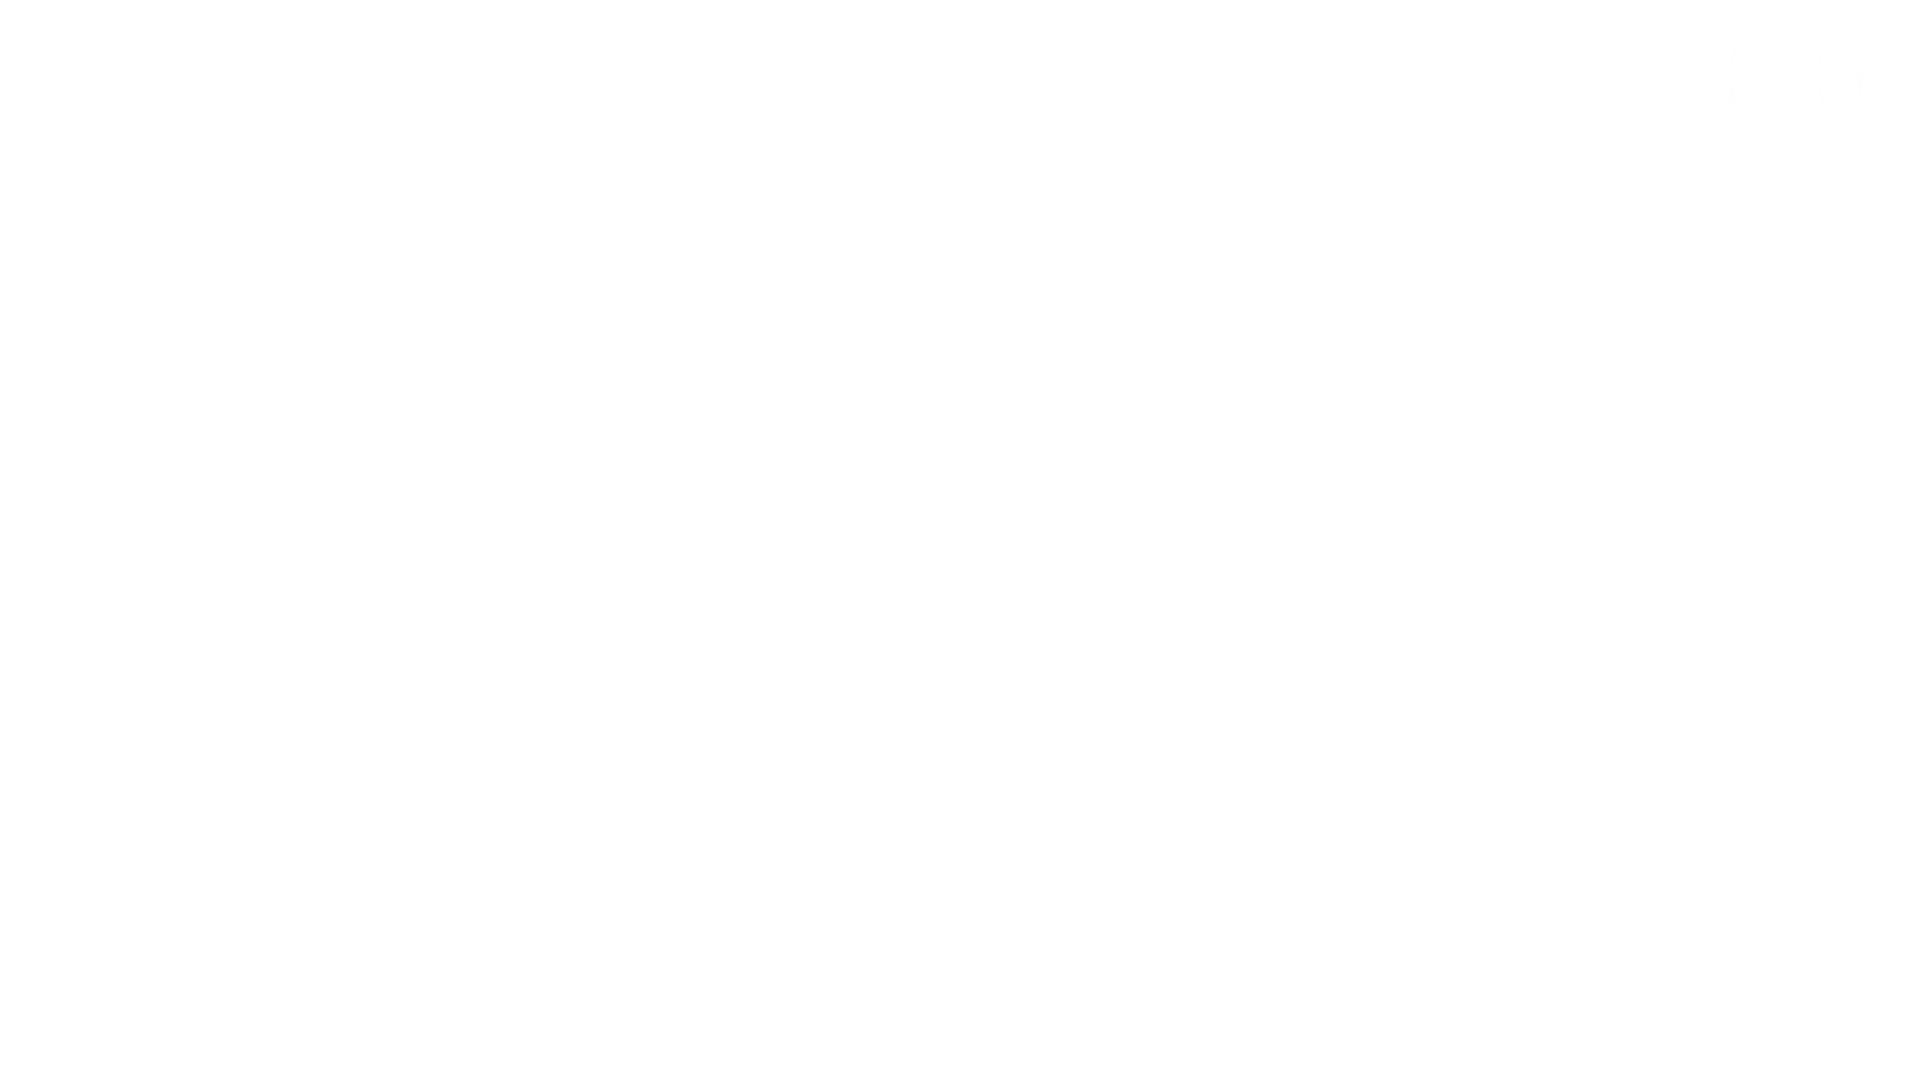 至高下半身盗撮-PREMIUM-【院内病棟編 】 vol.01 盗撮 | ナースを狙え  62pic 32